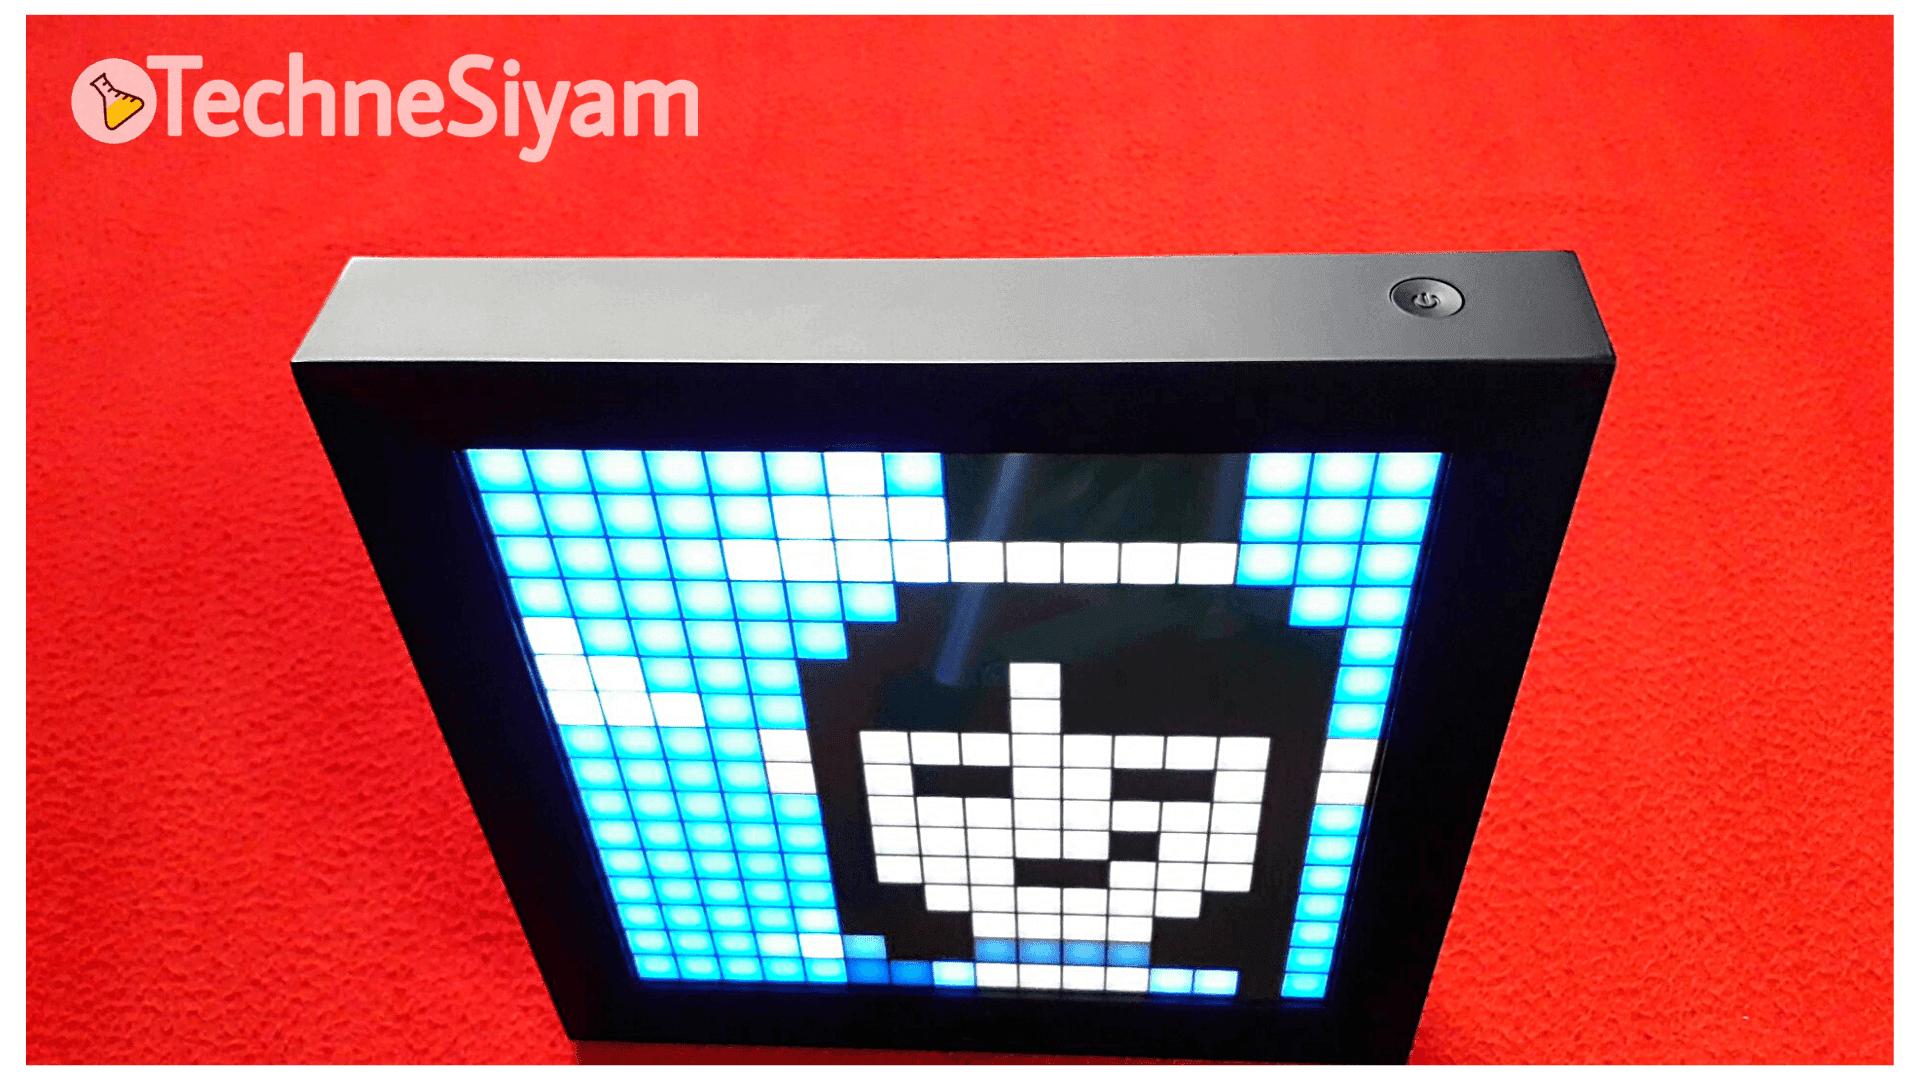 Pixoo Power Button - TechneSiyam